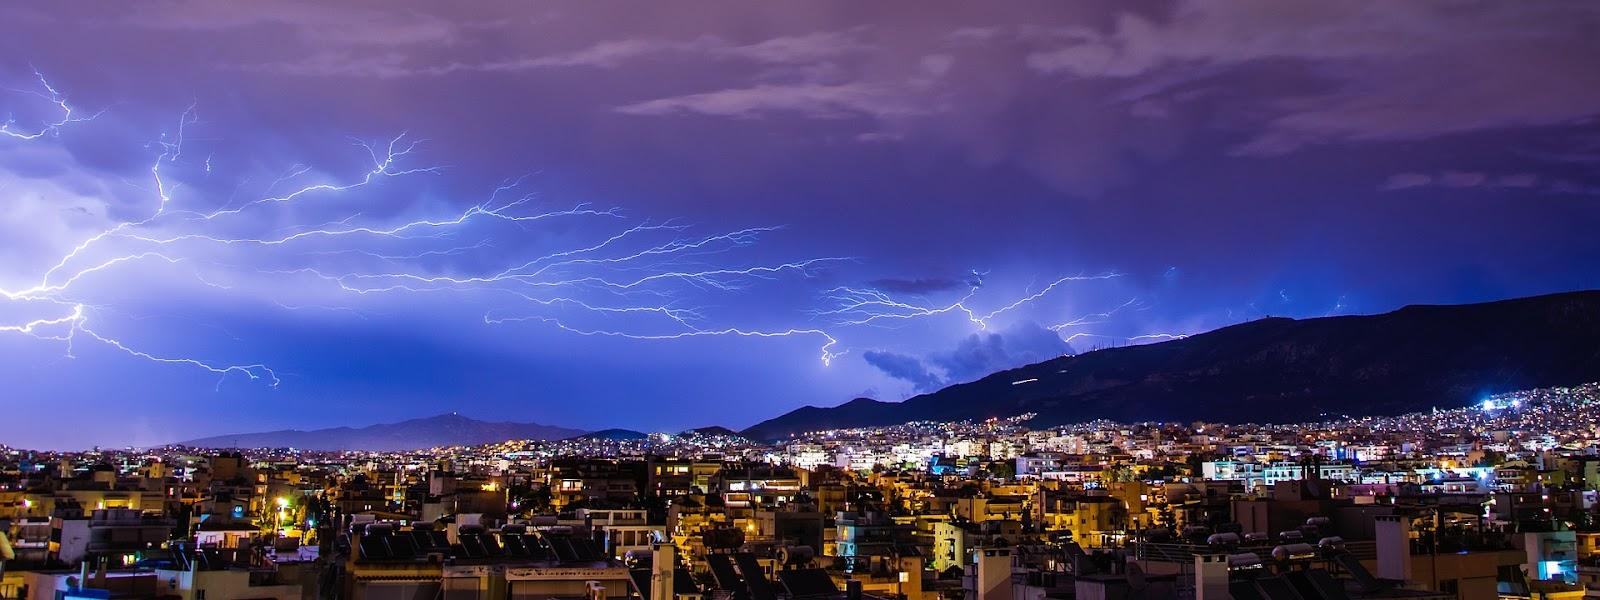 intention-énergie-pouvoir-réussite-objectif-orage